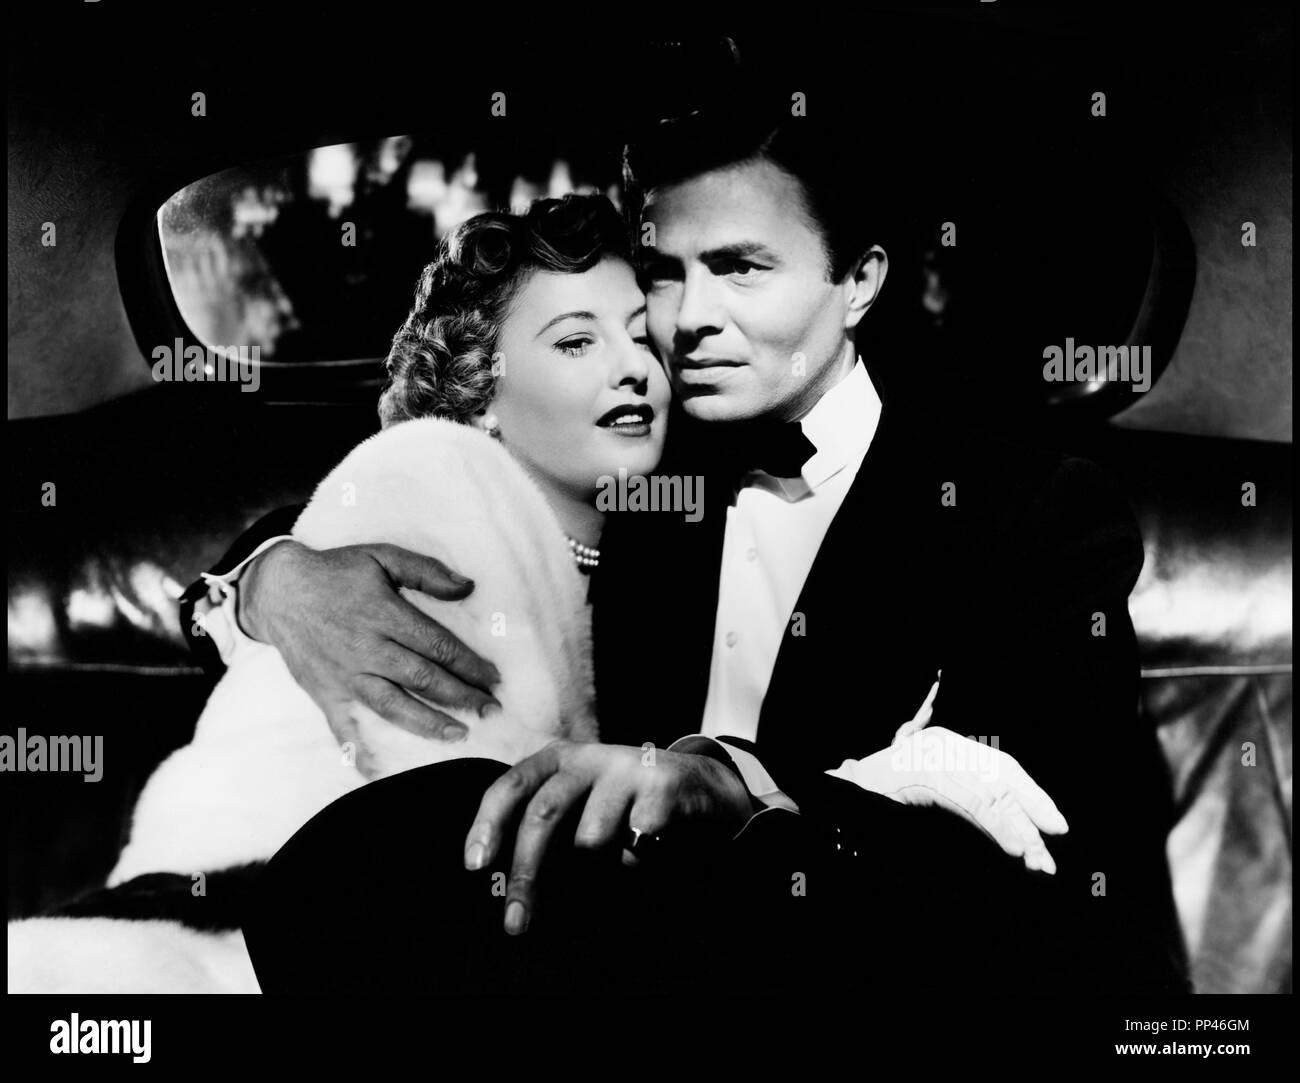 Prod DB © Loew's Inc. - Metro-Goldwyn-Mayer / DR VILLE HAUTE, VILLE BASSE (EAST SIDE, WEST SIDE) de Mervyn LeRoy 1949 USA avec Barbara Stanwyck et James Mason couple, interieur de voiture d'apres le roman de Marcia Davenport code MGM: S 1464 - Stock Image